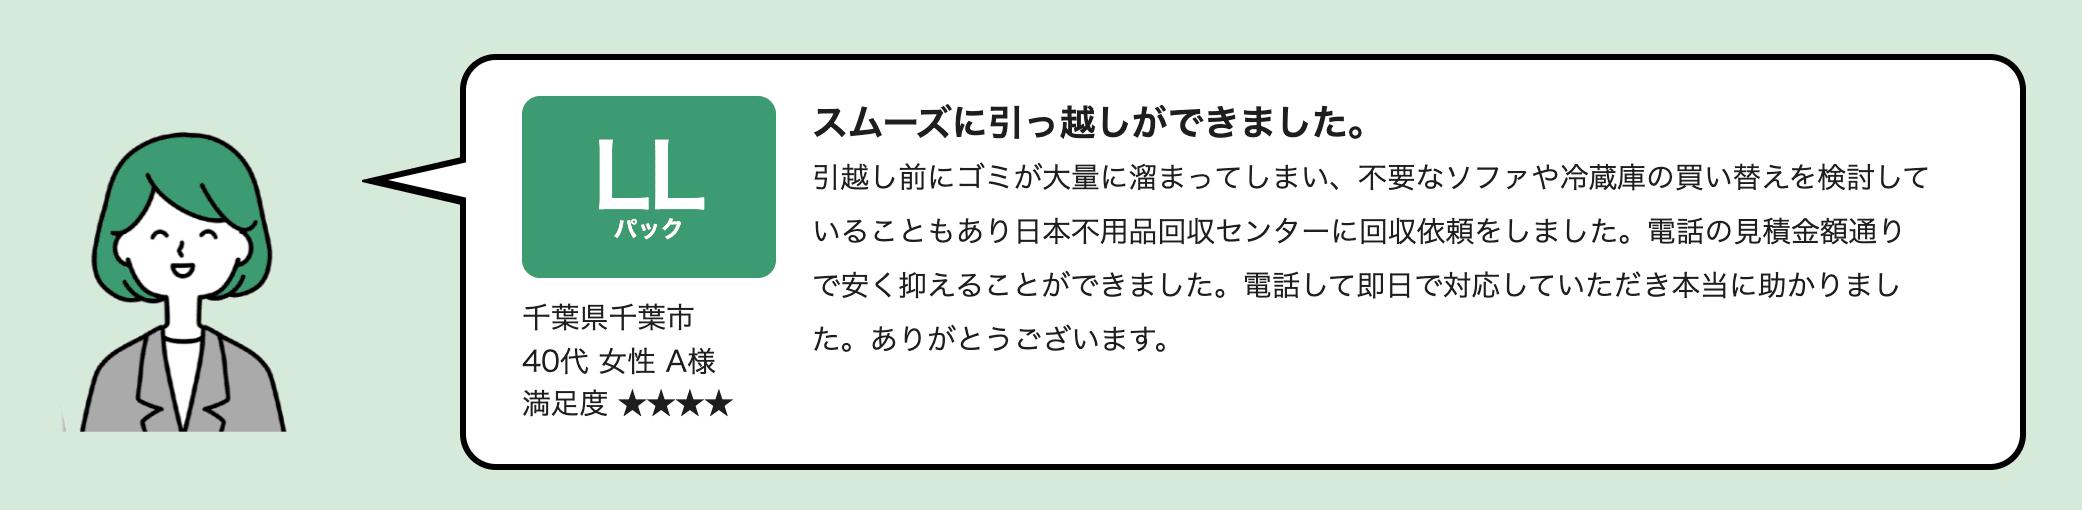 日本不用品回収センターの口コミ評判